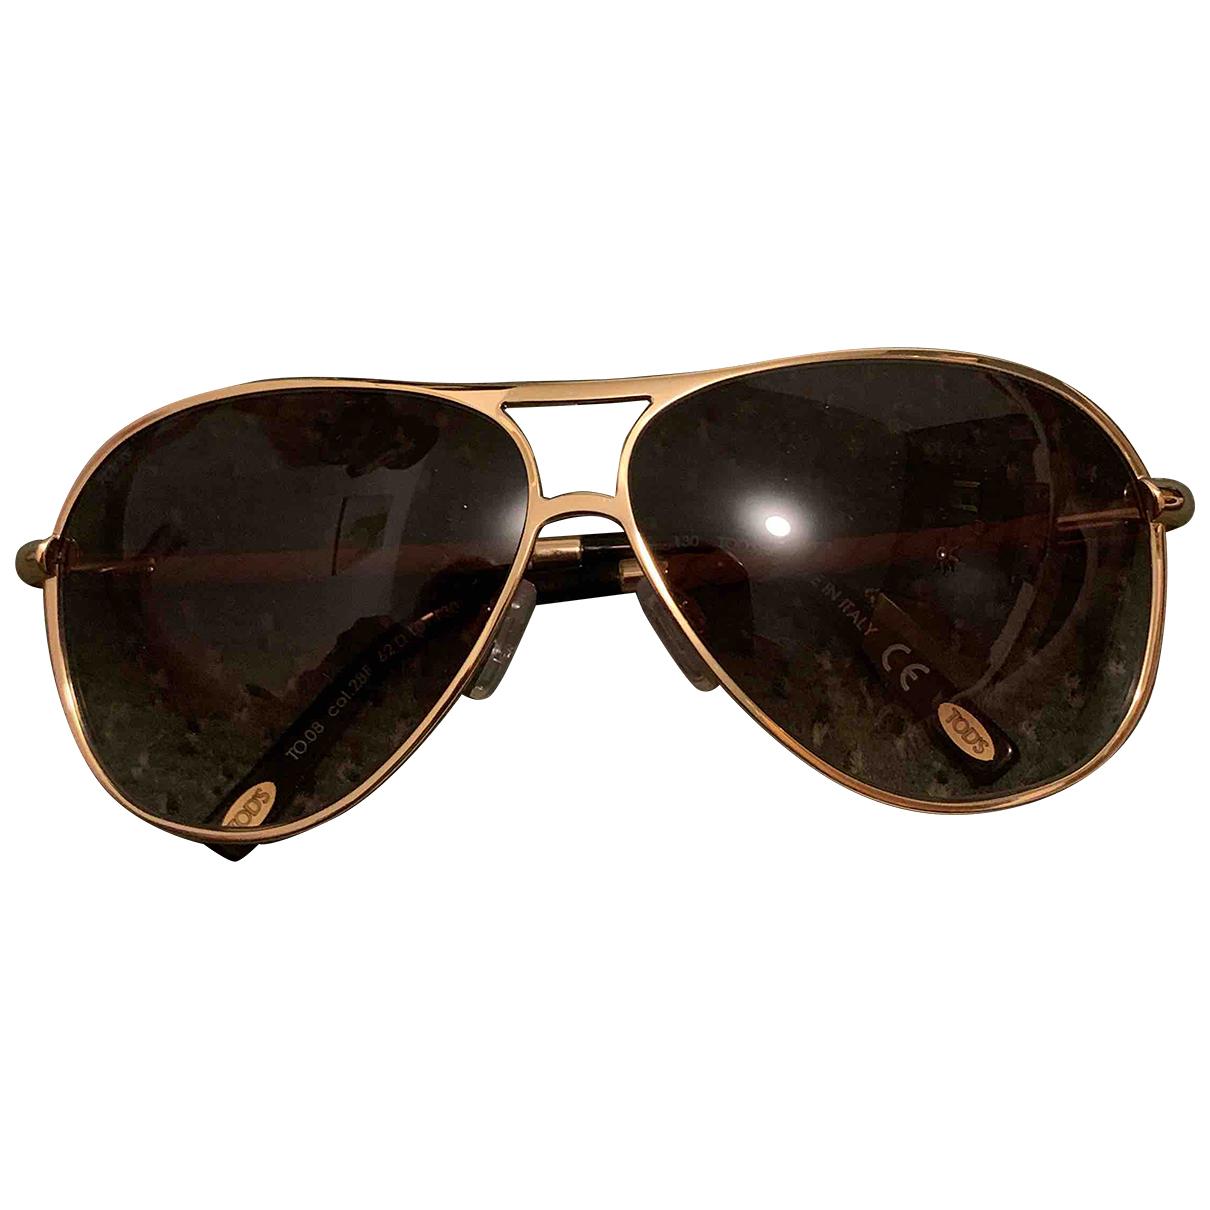 Tod's N Beige Metal Sunglasses for Women N